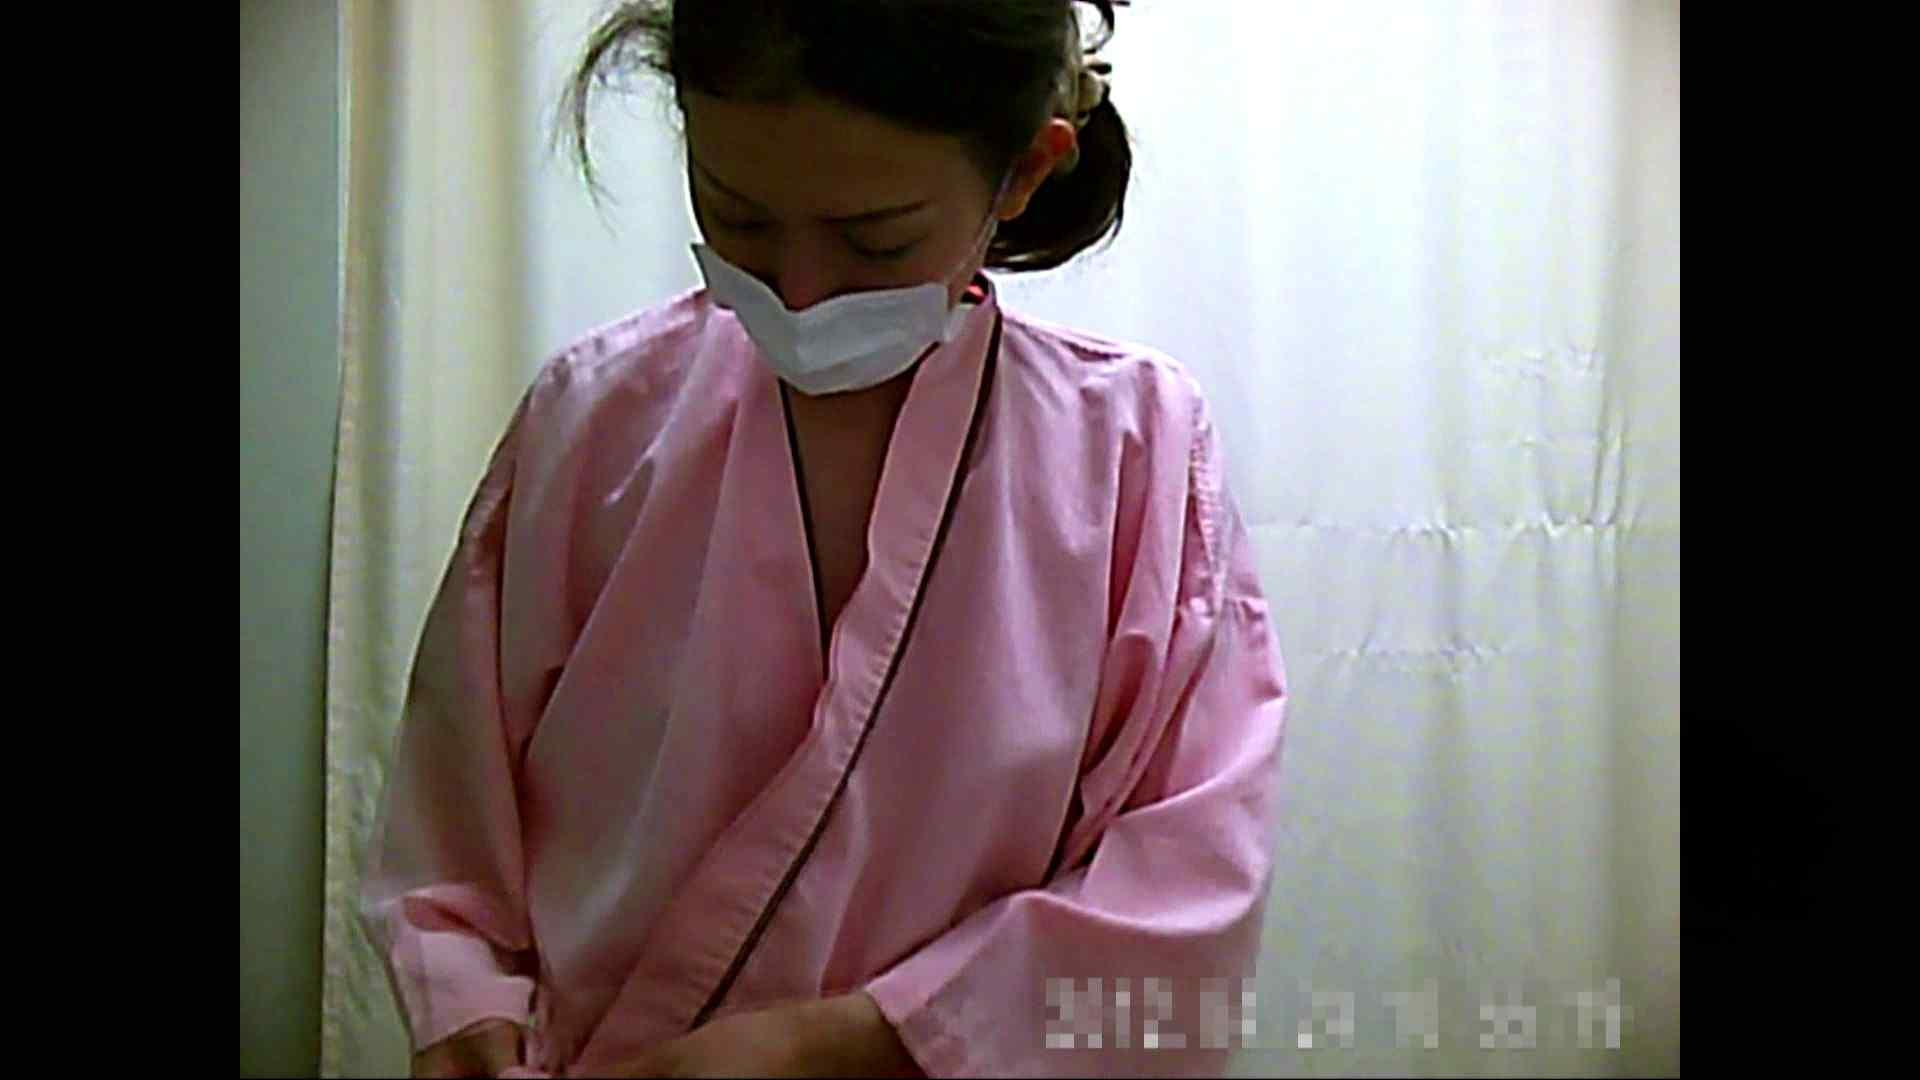 元医者による反抗 更衣室地獄絵巻 vol.010 ギャル  97PIX 27